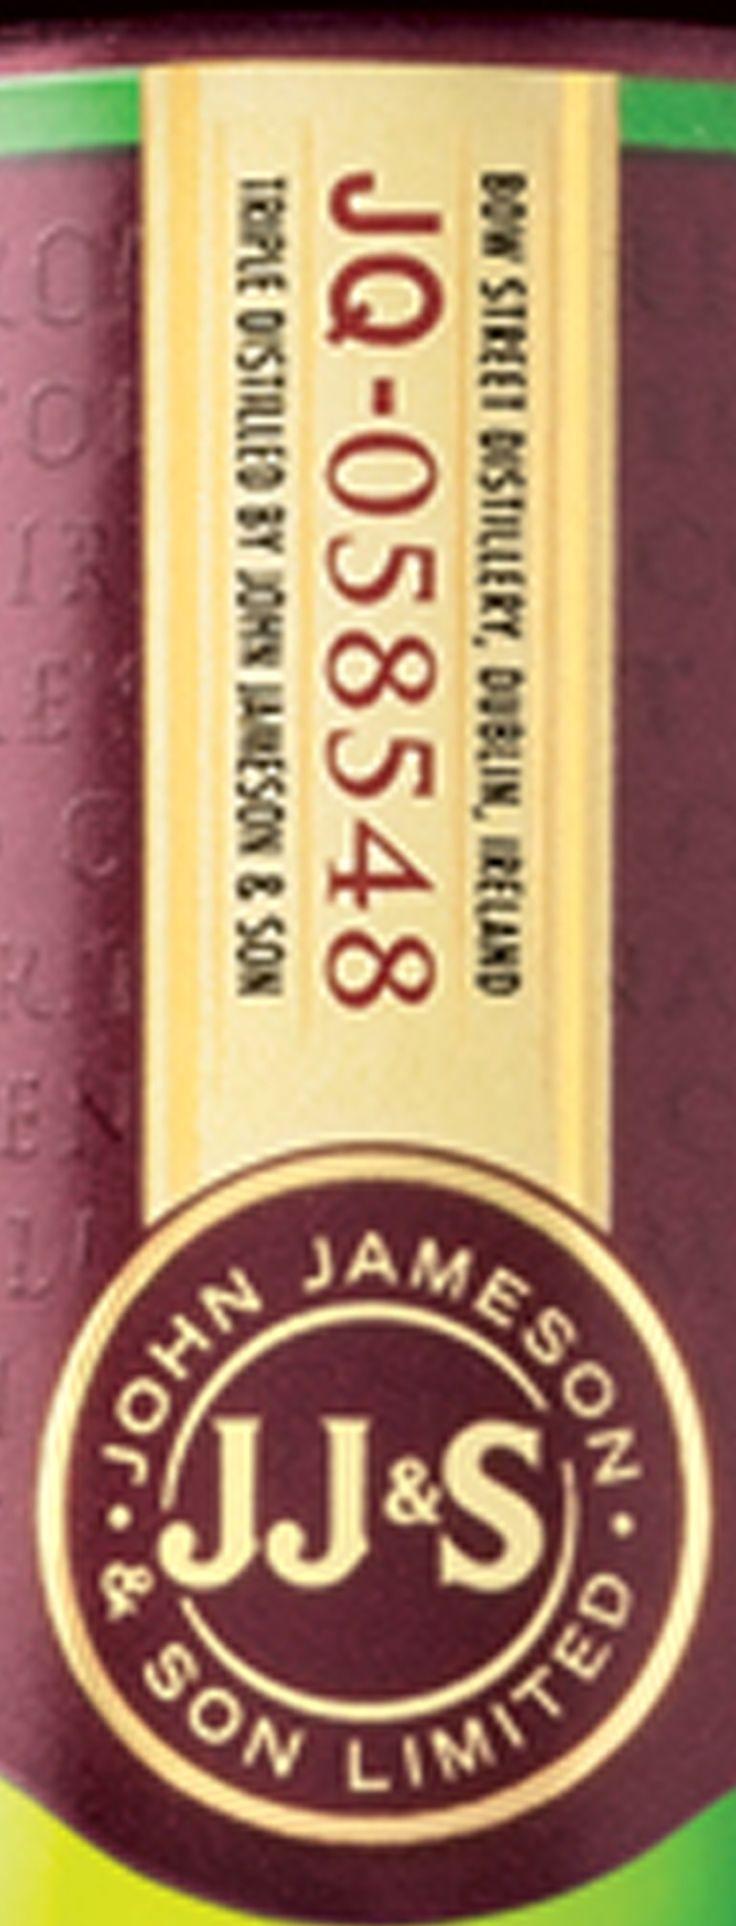 bottle-label-neck.jpg (804×2105)